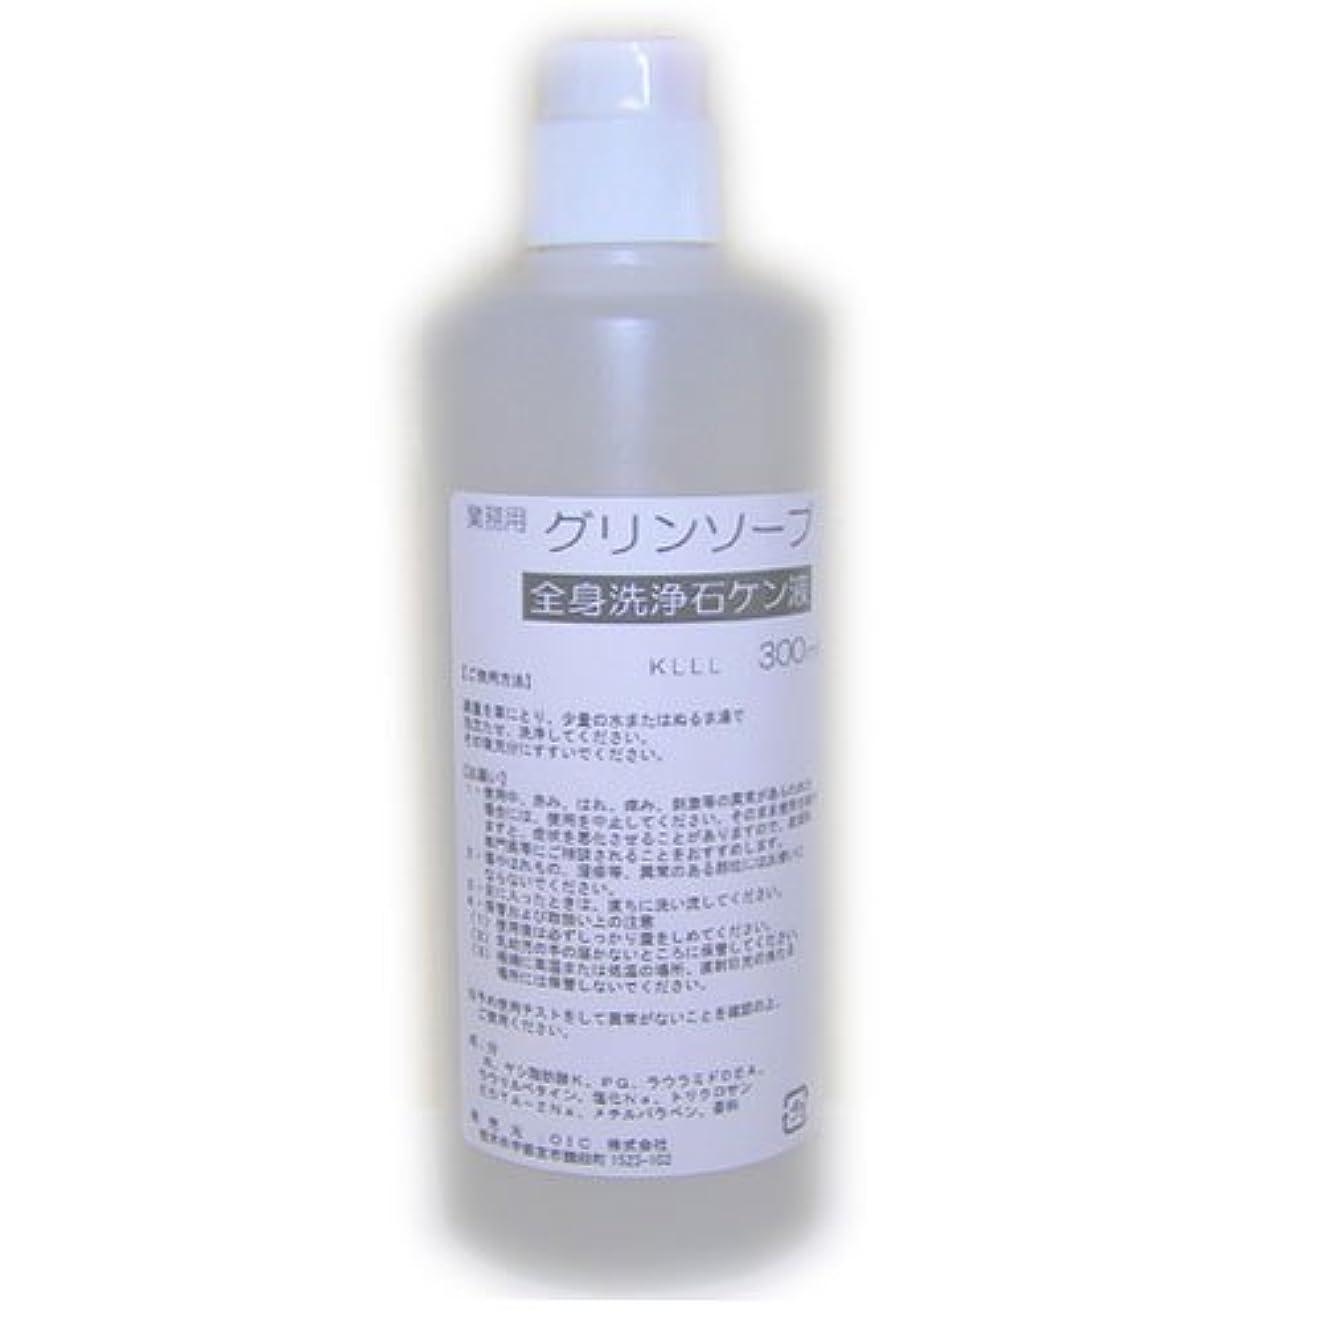 モロニック指紋提出する業務用ボディソープ 殺菌成分配合?消毒石鹸液 グリンソープ (300ml (2本セット))